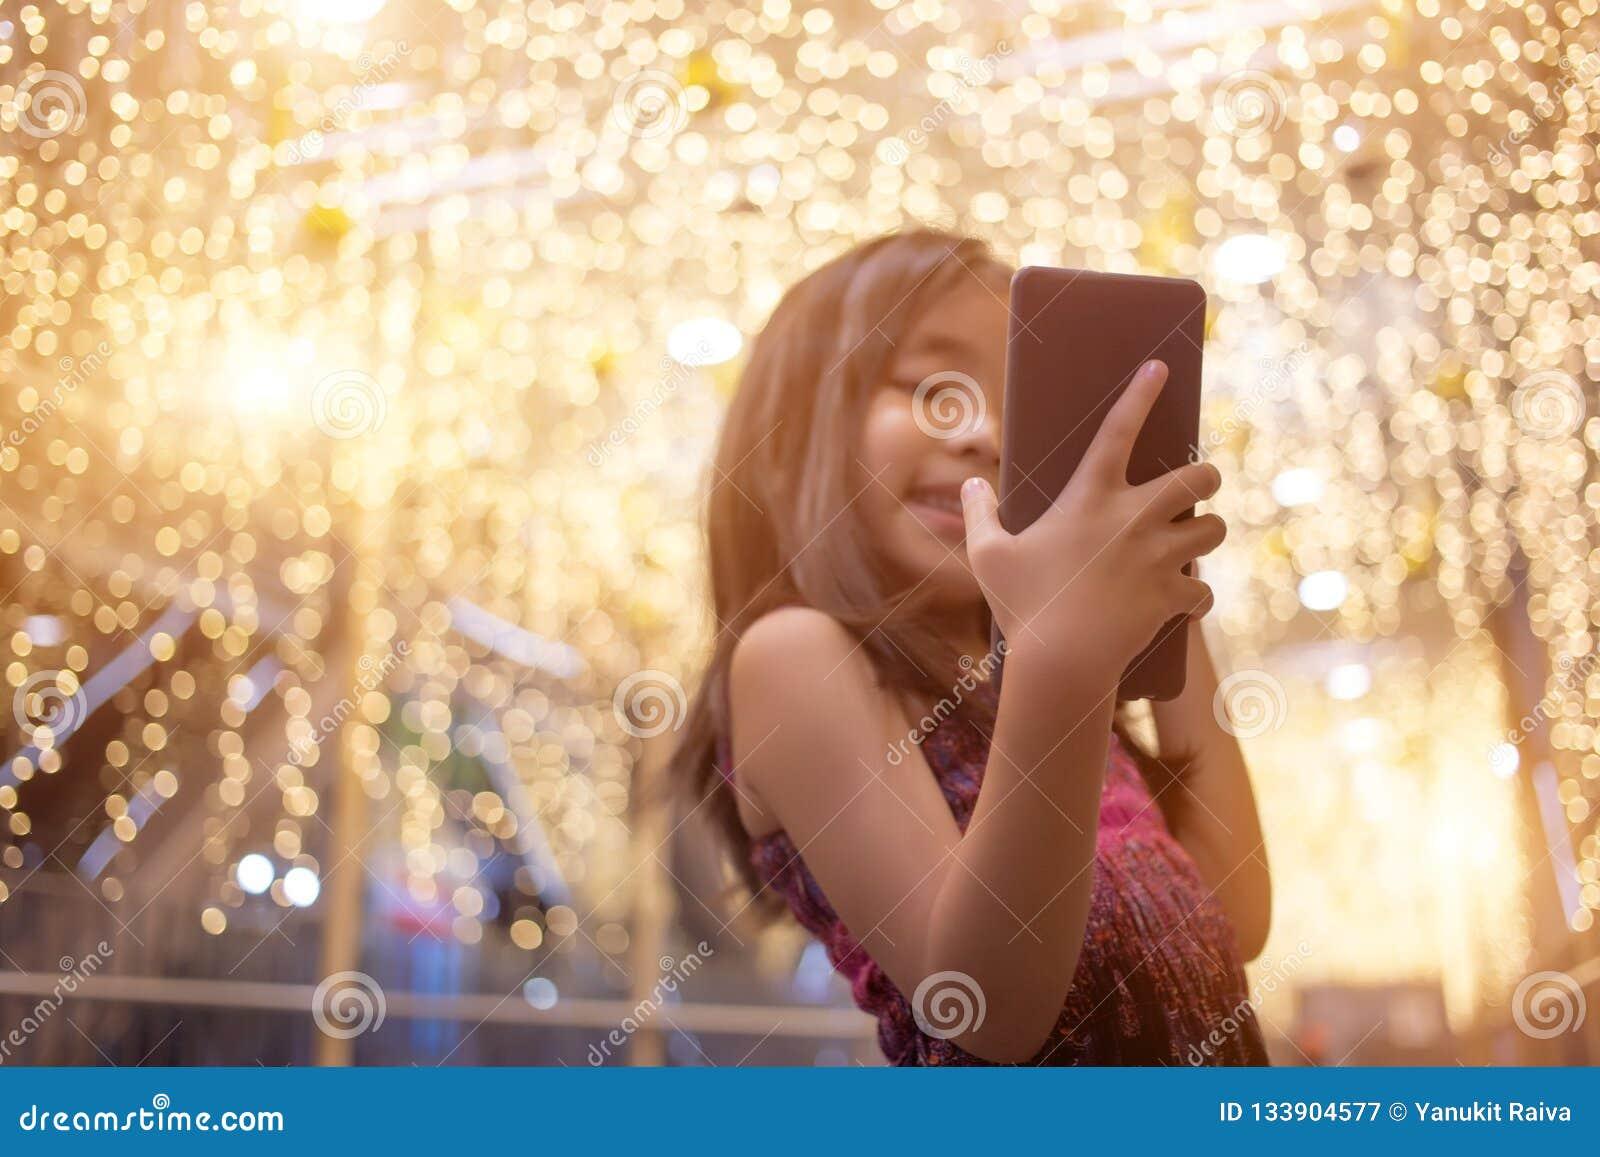 Asiatisches Kind-selfie leben Schwätzchen mit Handy